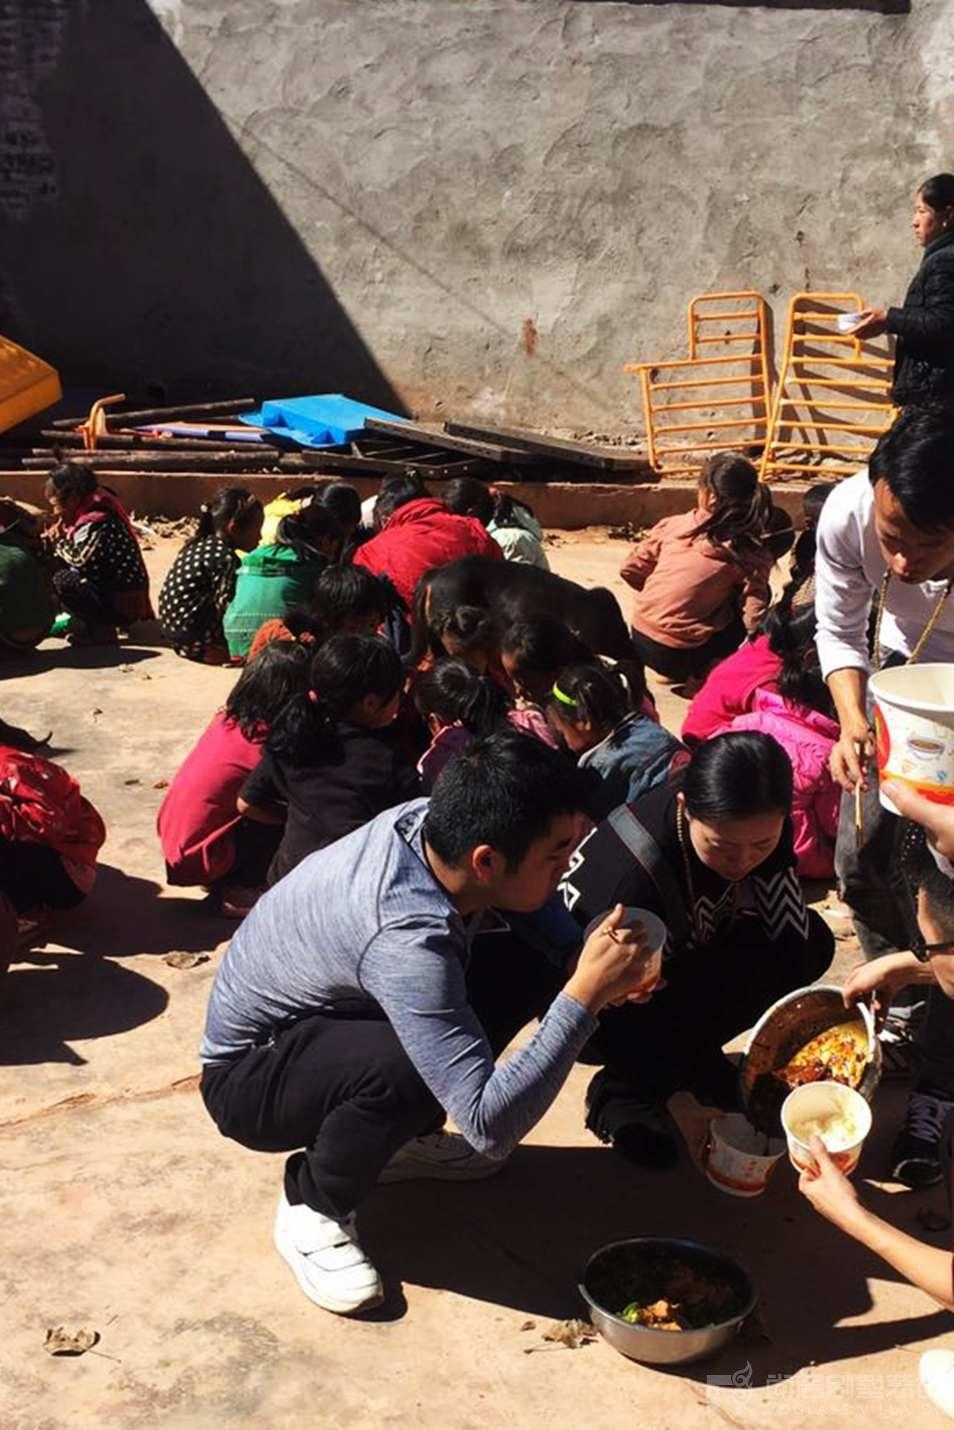 尚层人加入了就餐的队伍和孩子们一起吃饭